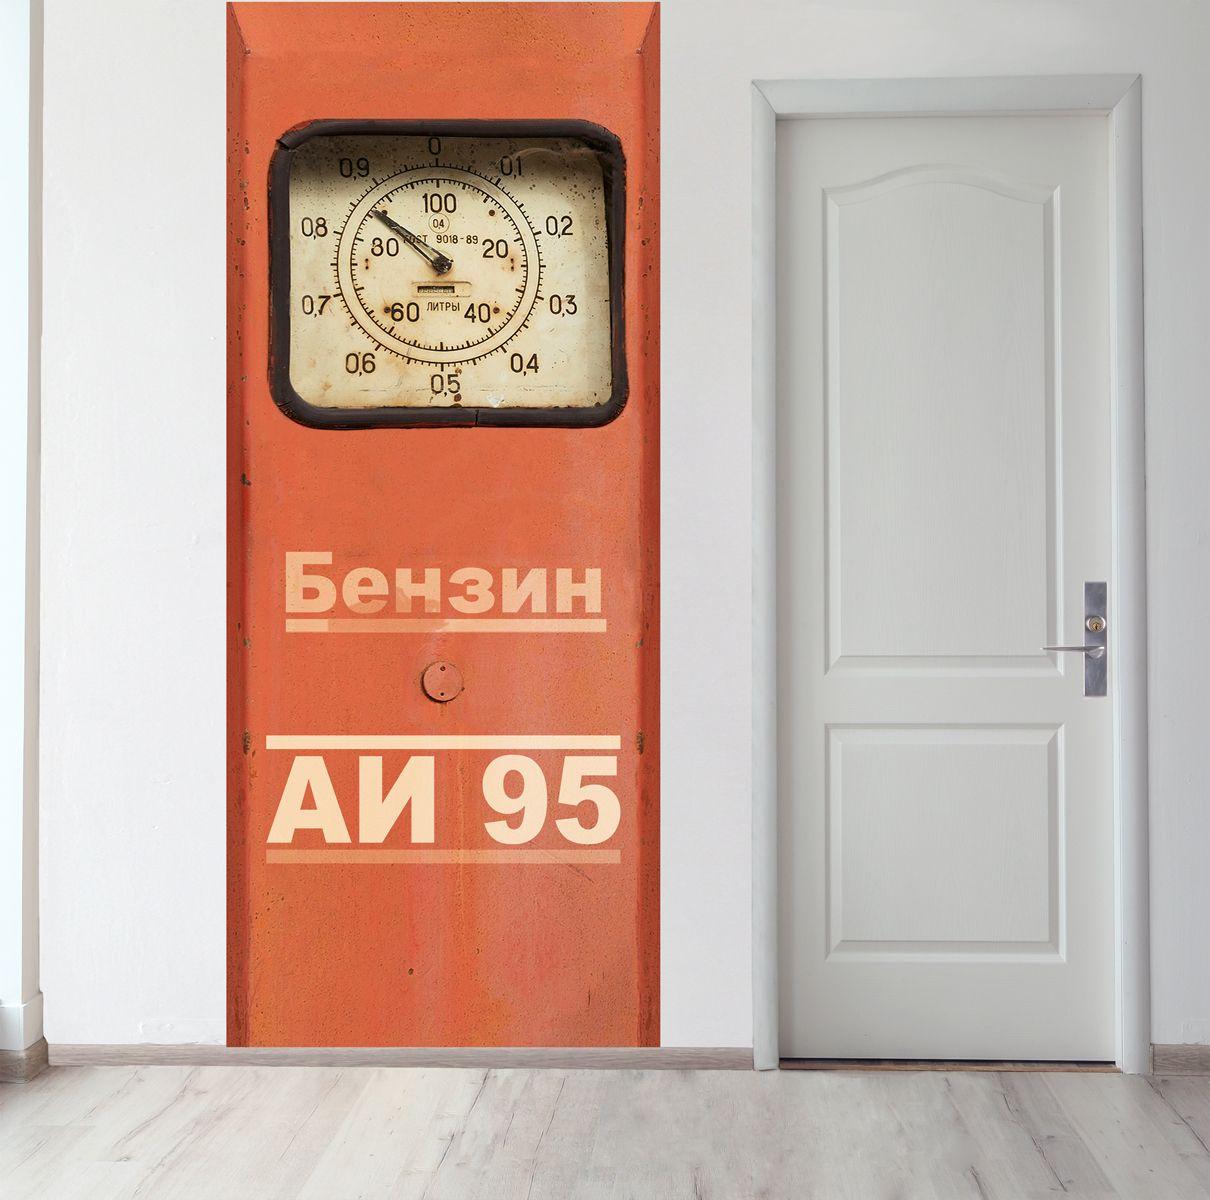 Панно на стену - Бензин АИ 95 магазин Интерьерные наклейки